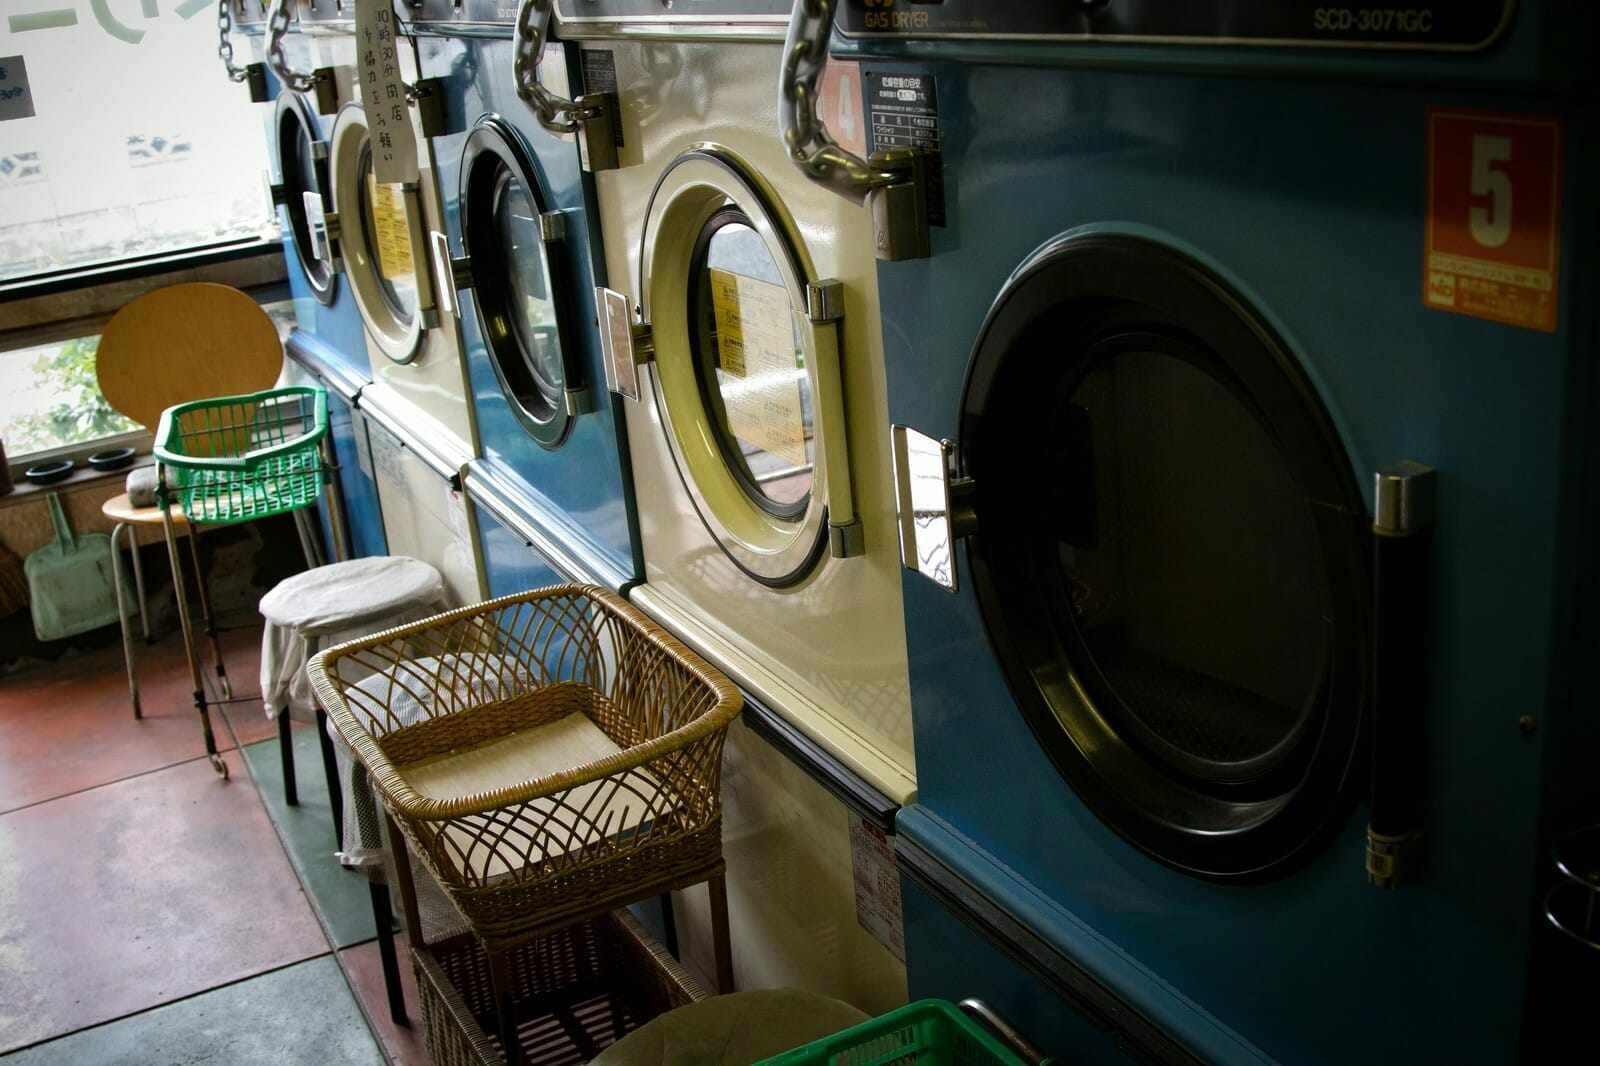 冬の入浴前にバスタオルを洗濯乾燥機で温める使い方